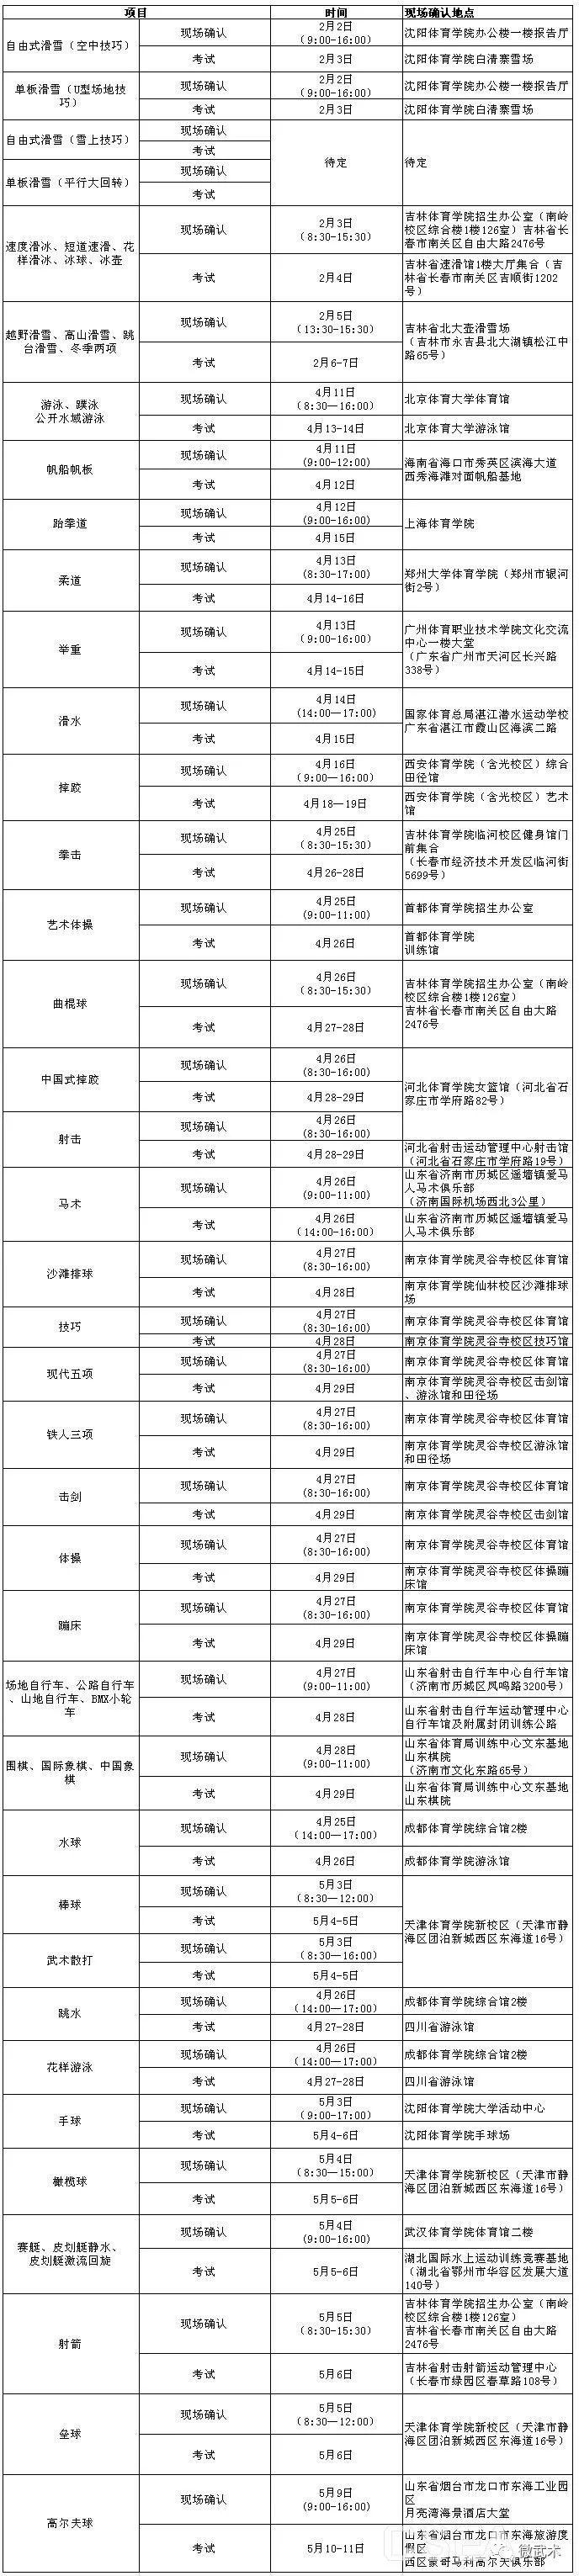 2018体育单招(高水平运动队)全国统一考试安排出炉!